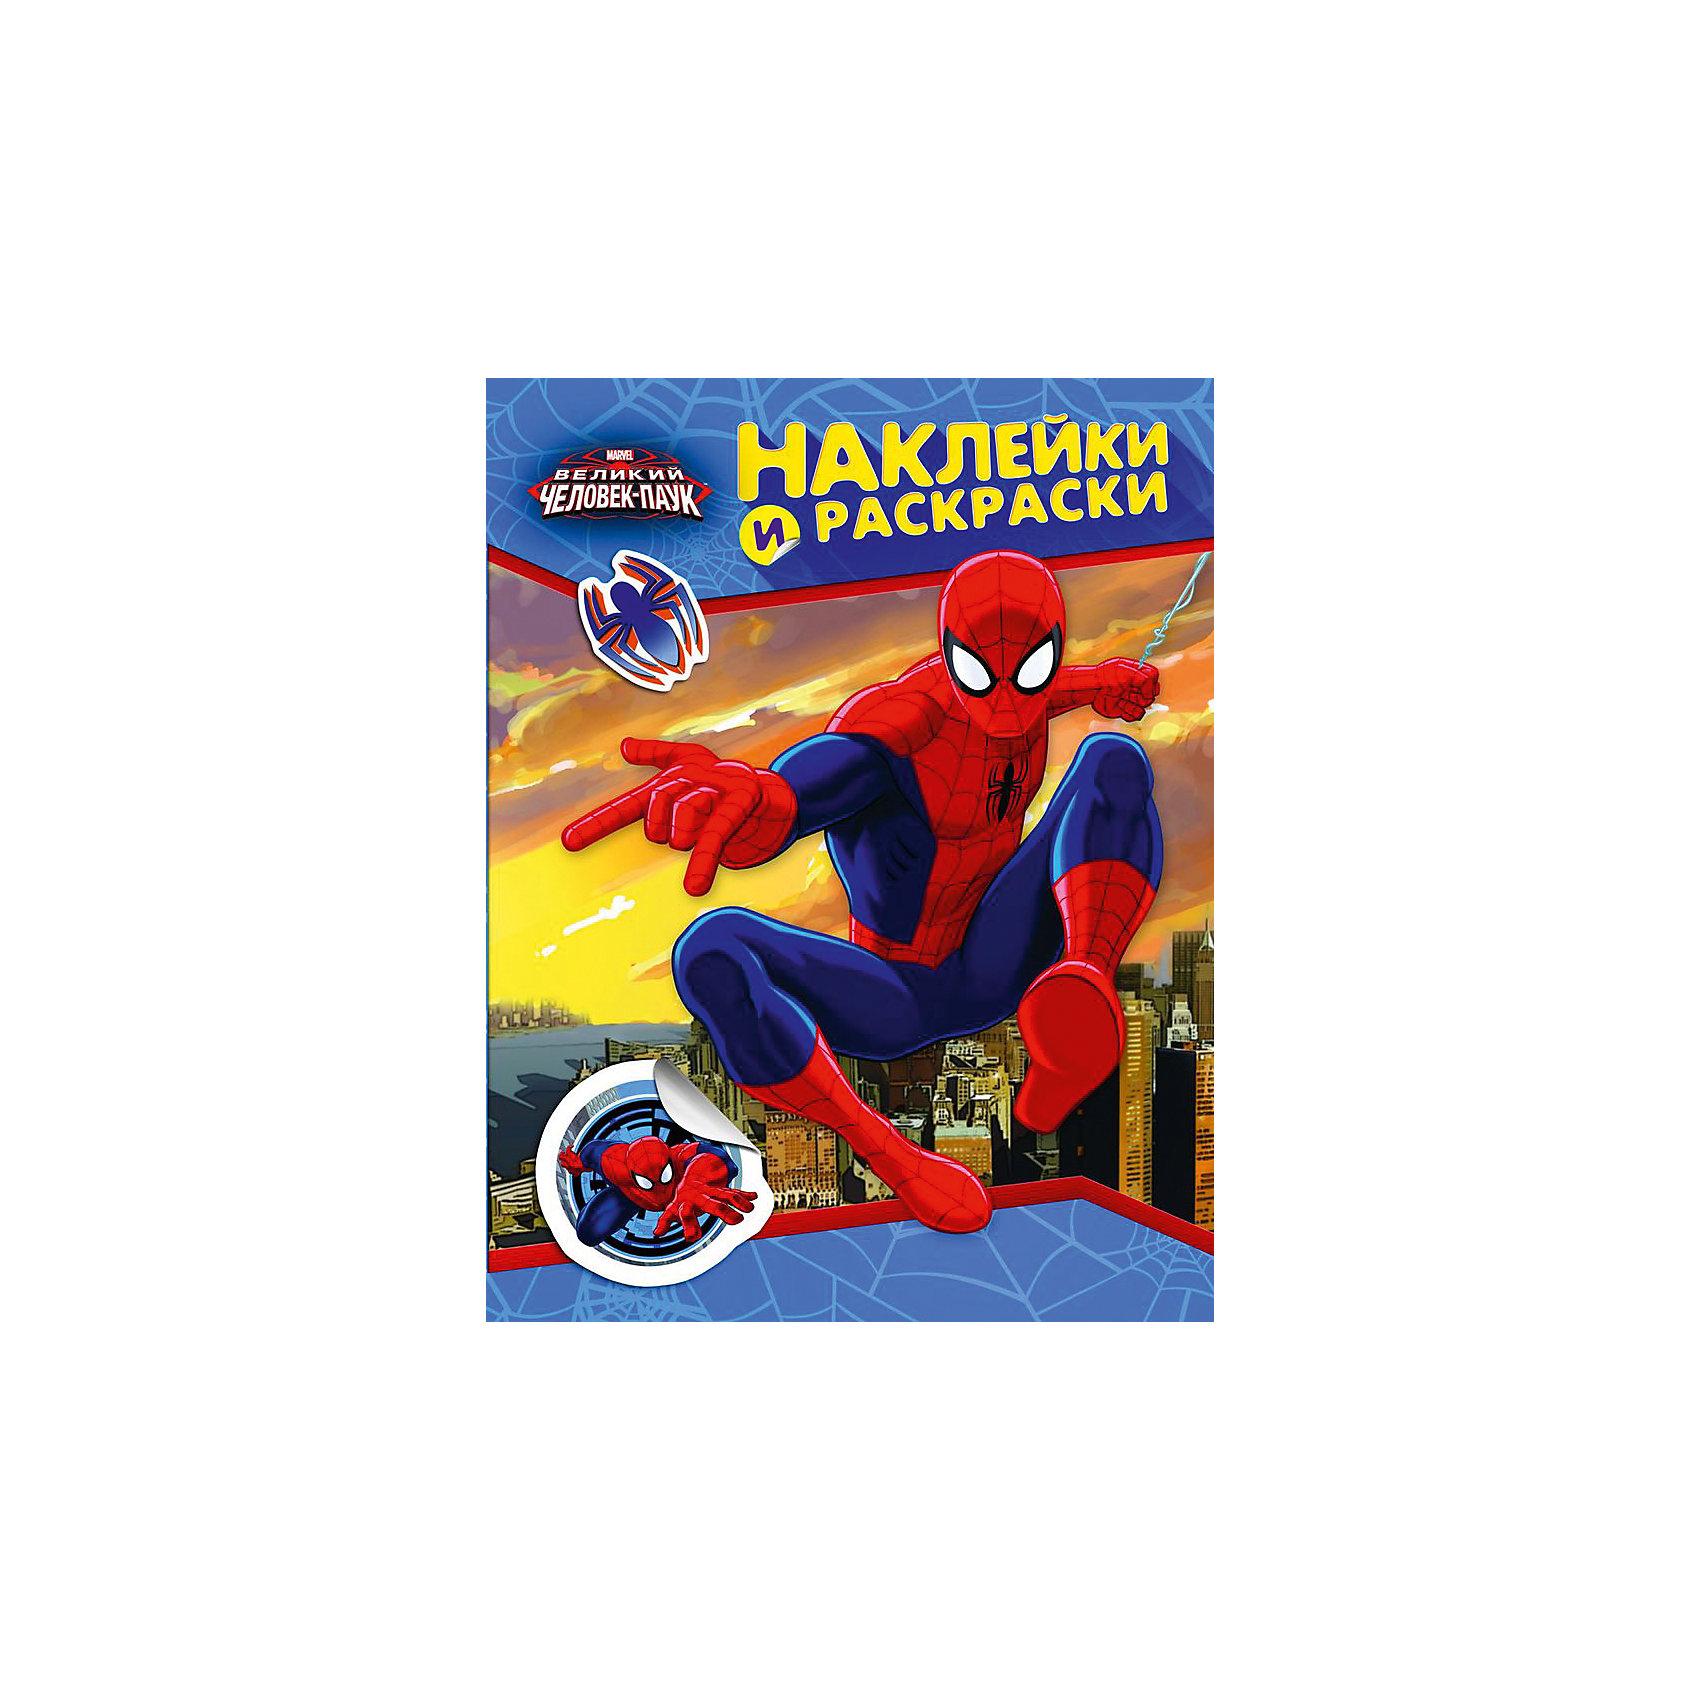 Росмэн Наклейки и раскраски, Человек-Паук росмэн наклейки и раскраски голубая monster high